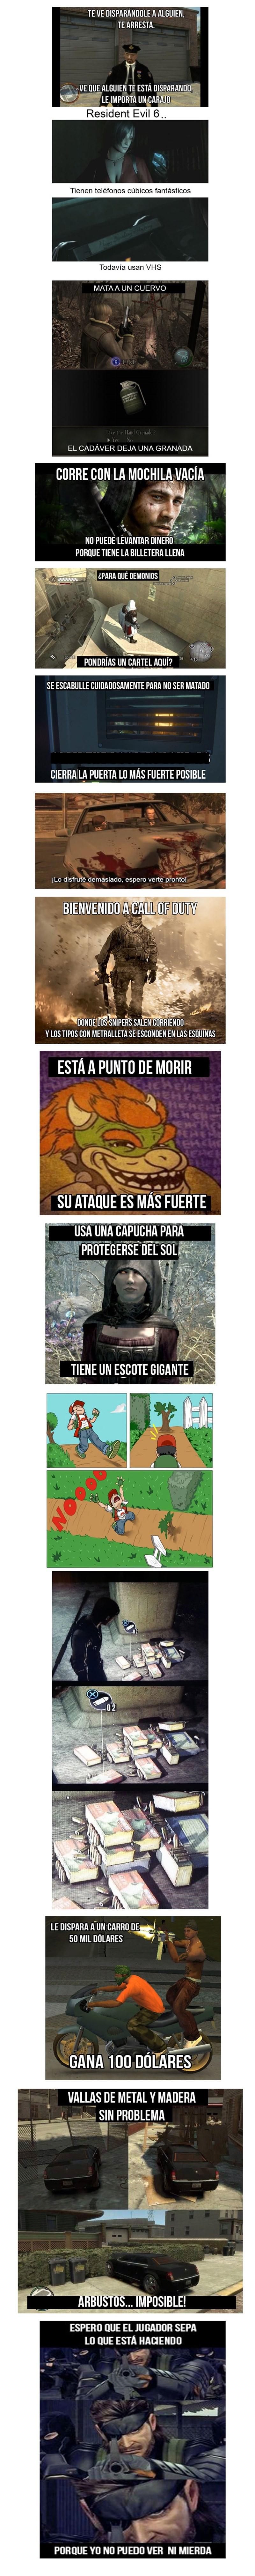 logica video juegos